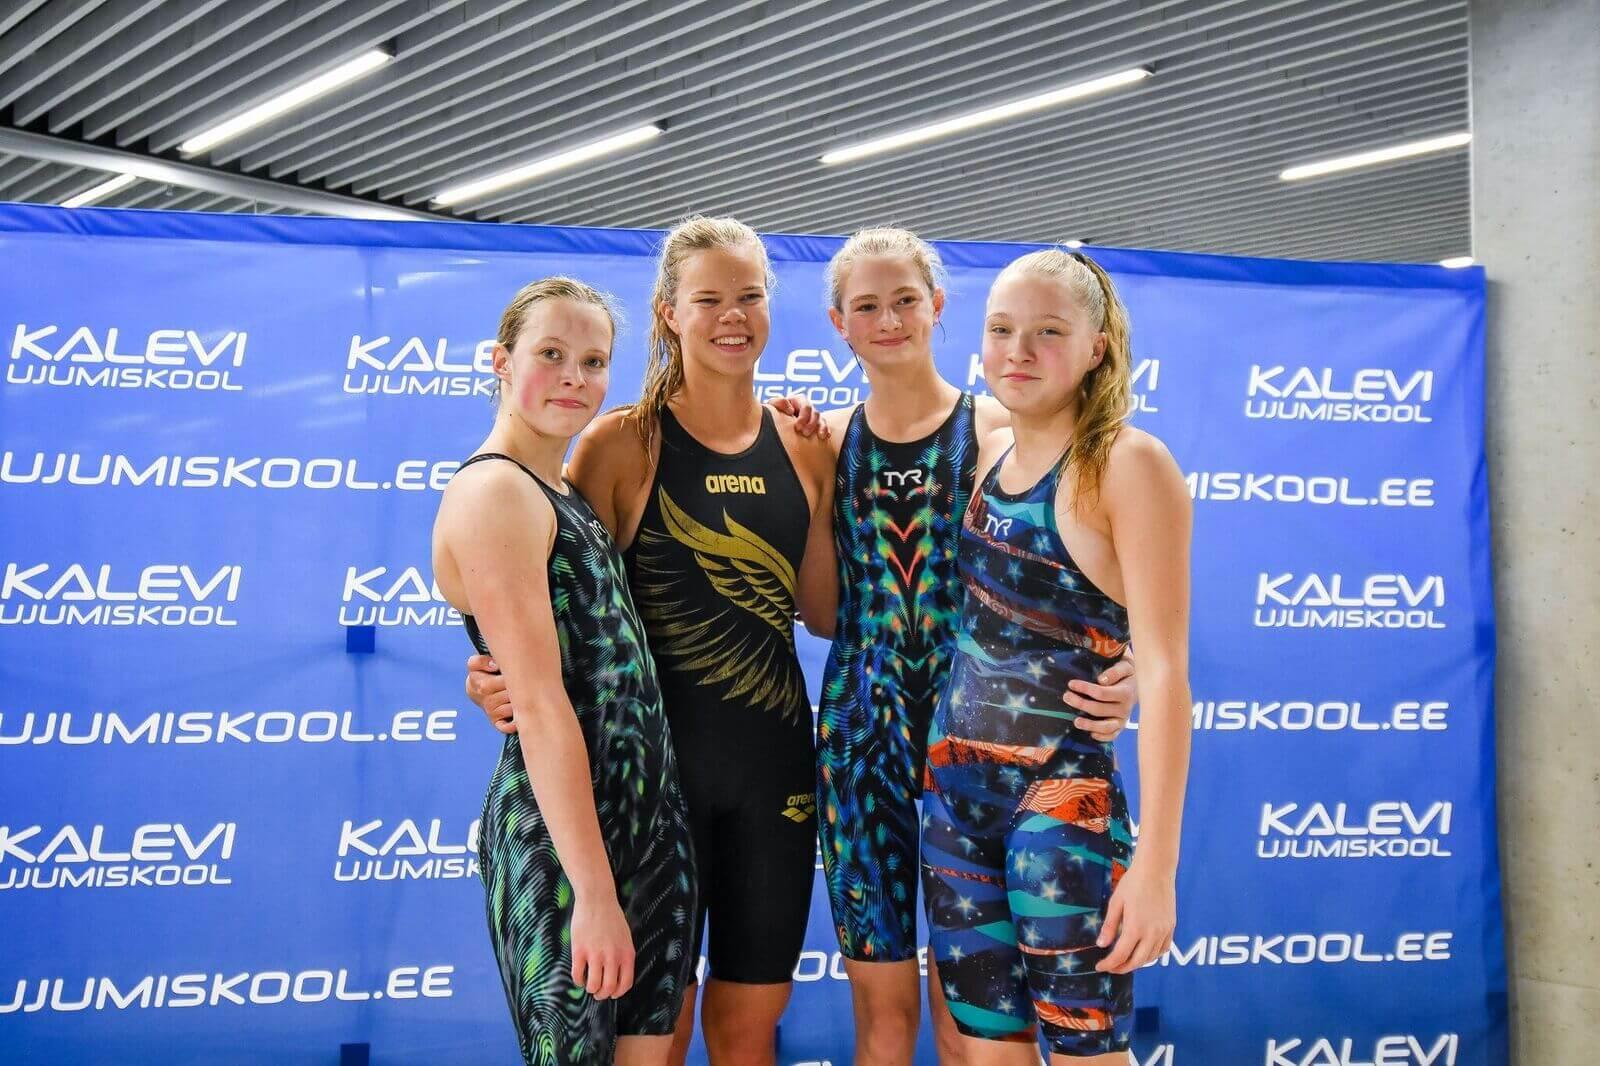 VÕIMAS! Kalev Openi avapäev tõi kolm Eesti rahvusrekordit ja 20 medalit